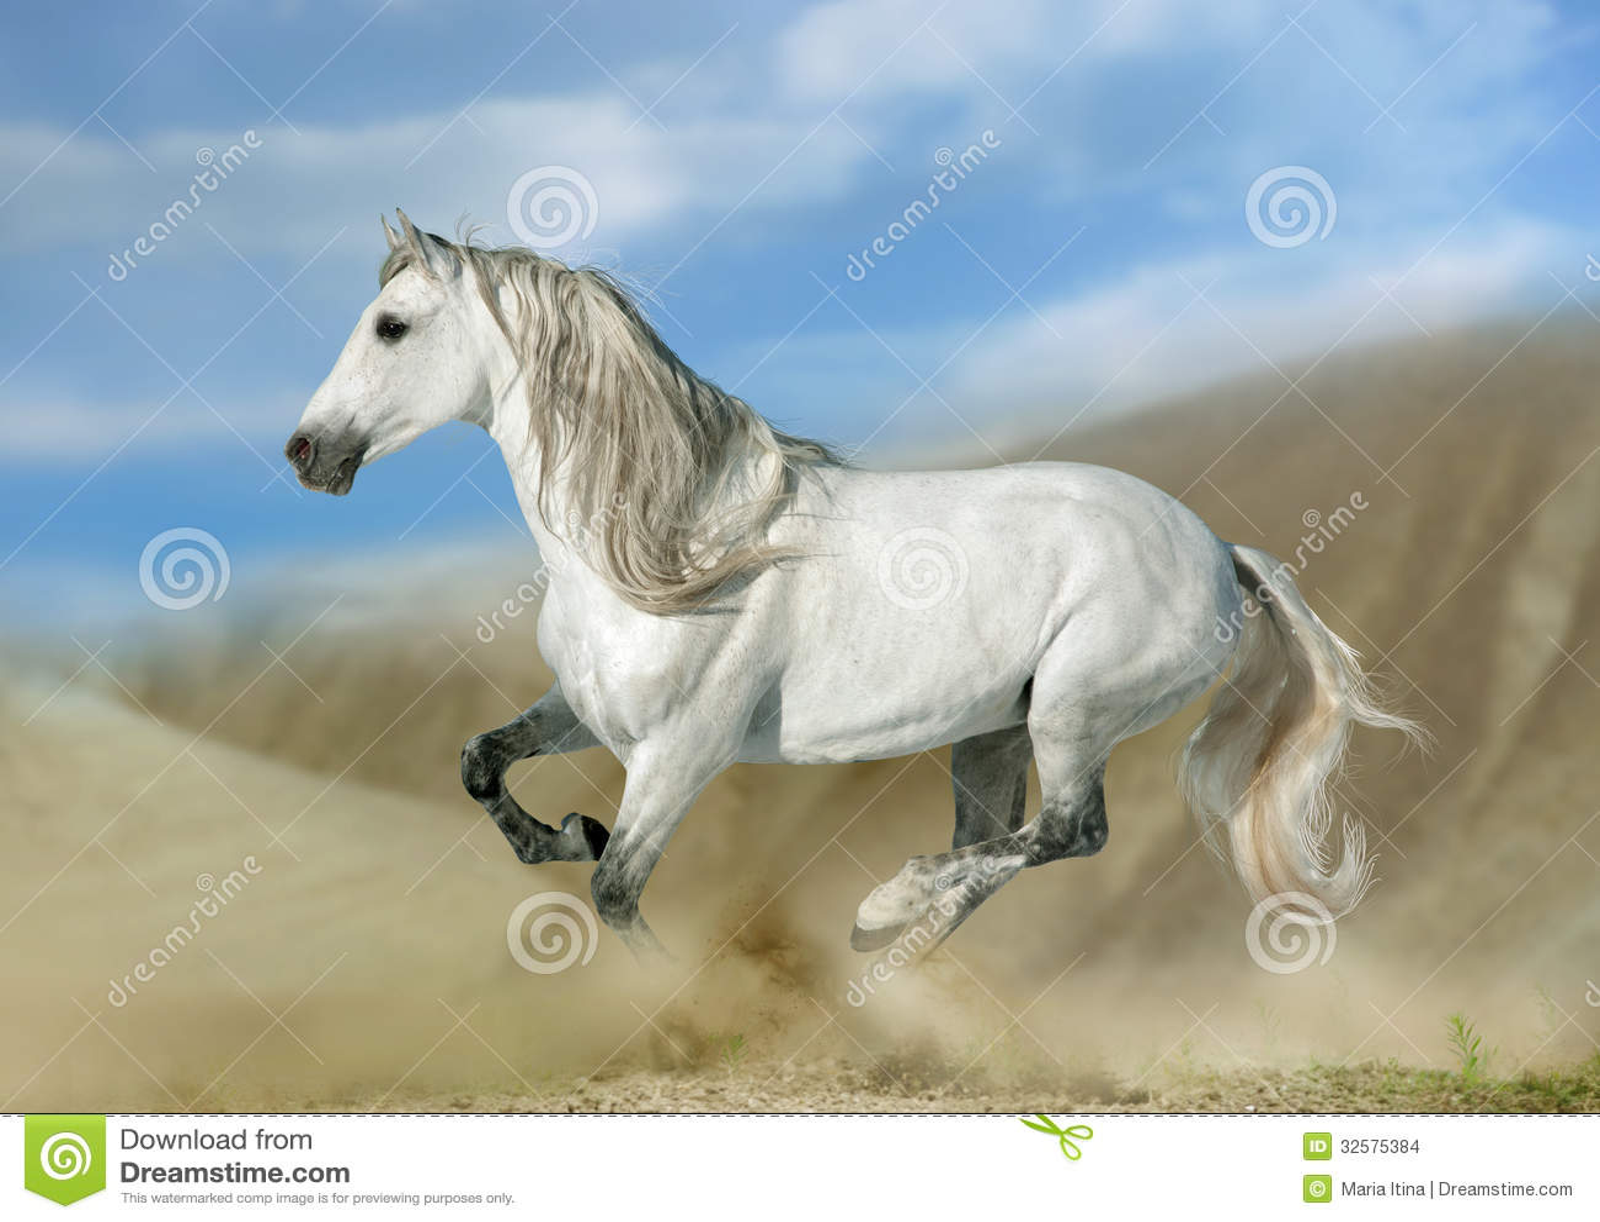 安达卢西亚马图片_安达卢西亚的公马在沙漠